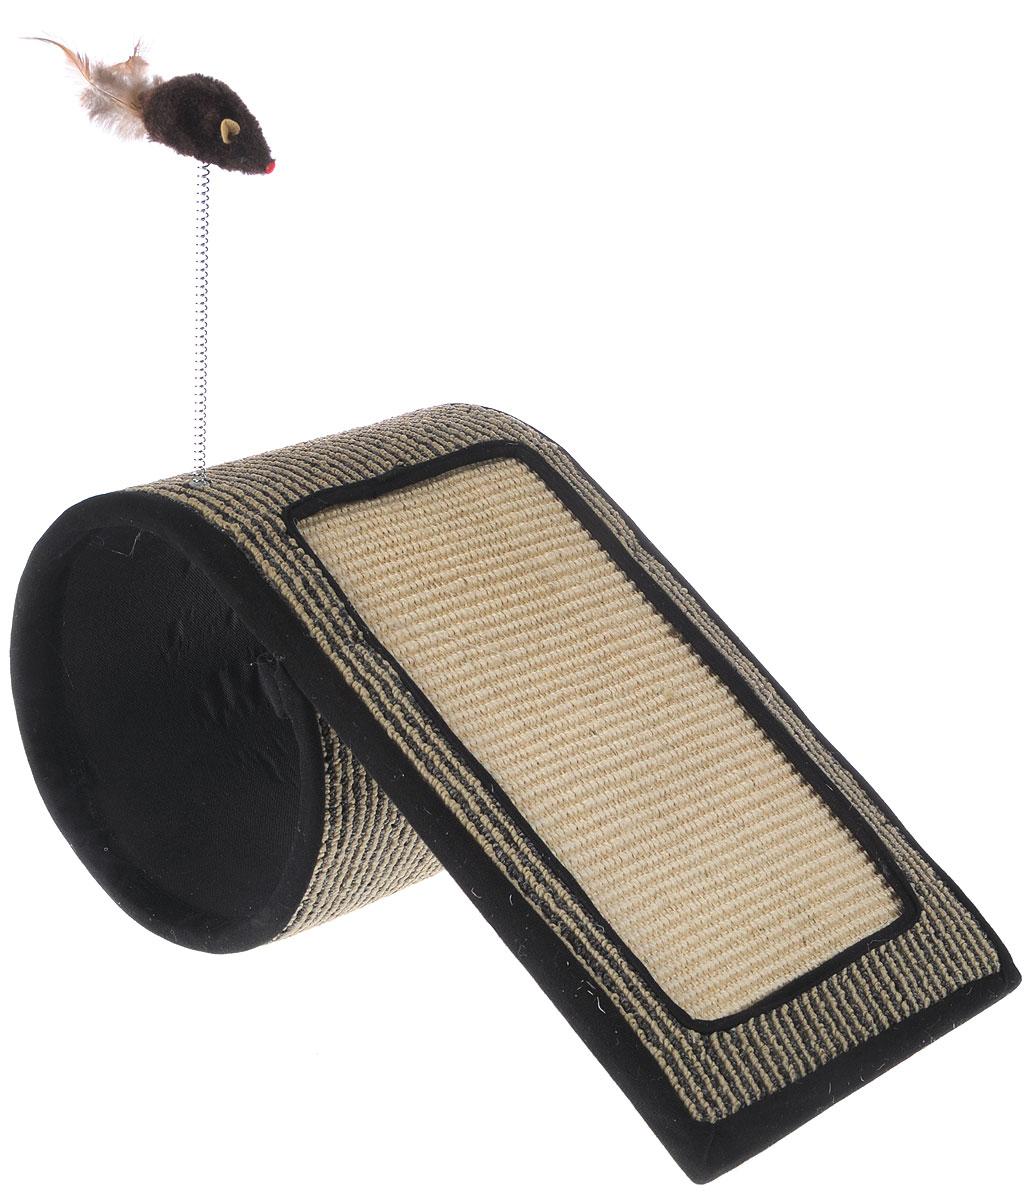 Когтеточка-туннель Triol, с игрушкой, 50 х 26 х 230120710Когтеточка-туннель Triol станет любимым местом для вашего питомца. Мышка на пружине привлечет дополнительное внимание к когтеточке. Изделие выполнено из ДСП, текстиля, ковролина и сизаля. Структура материала когтеточки позволяет кошачьим лапкам проникать внутрь и извлекаться с высоким трением, так что ороговевшие частички когтя остаются внутри волокон. По своей природе сизаль обладает уникальным антистатическим свойством, следовательно, когтеточка не накапливает пыль, что является дополнительным привлекательным качеством, поскольку облегчает процесс уборки.